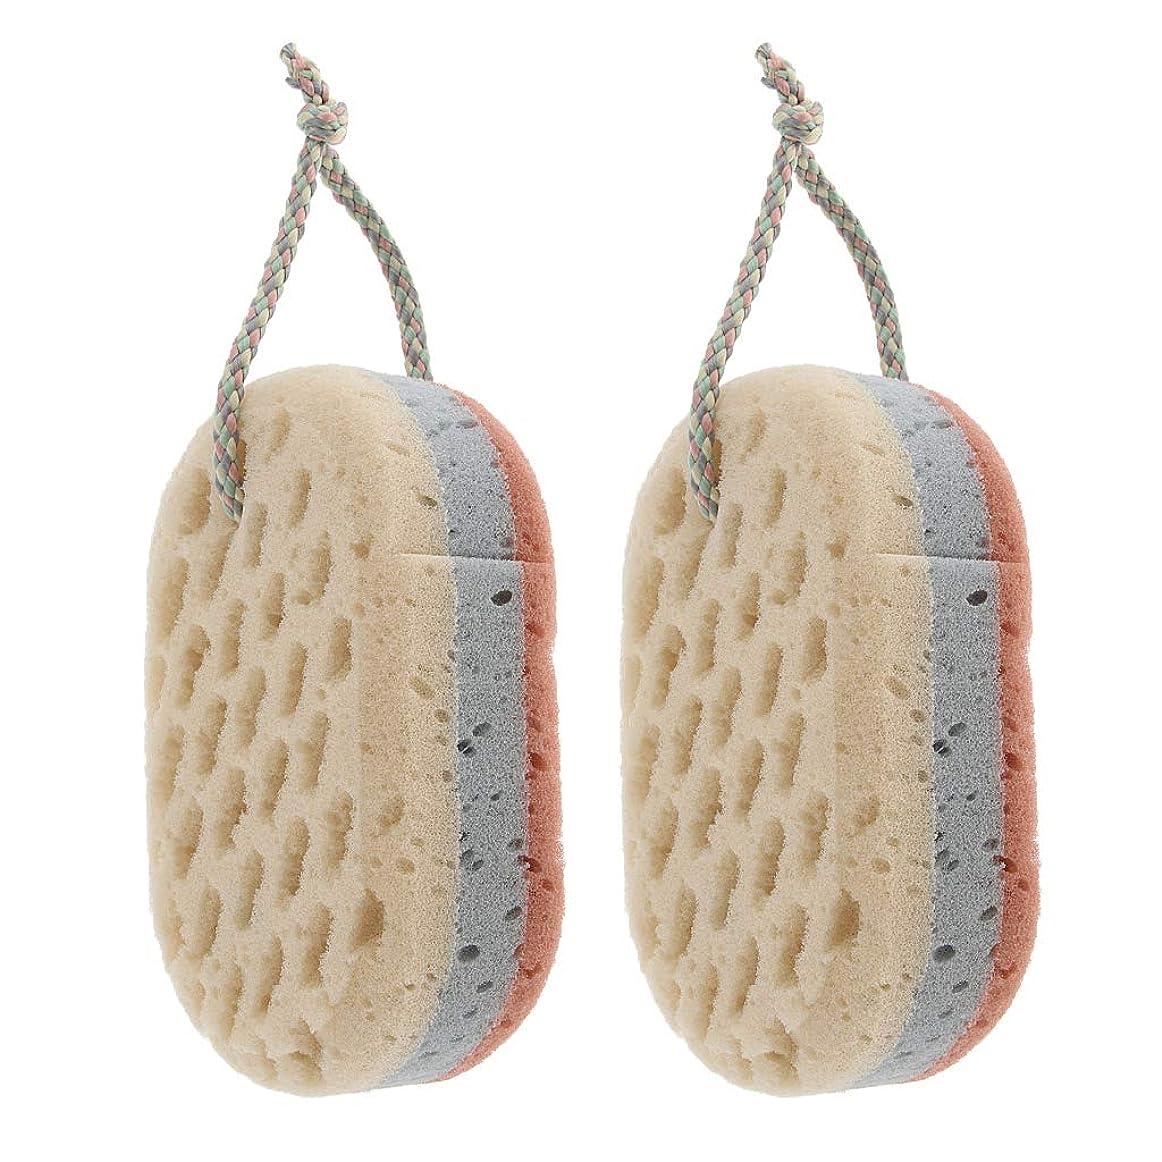 レンダーボウル協会D DOLITY 2個セット バススポンジ ボディ 背中 お風呂 シャワー 泡立て 約15x9cm